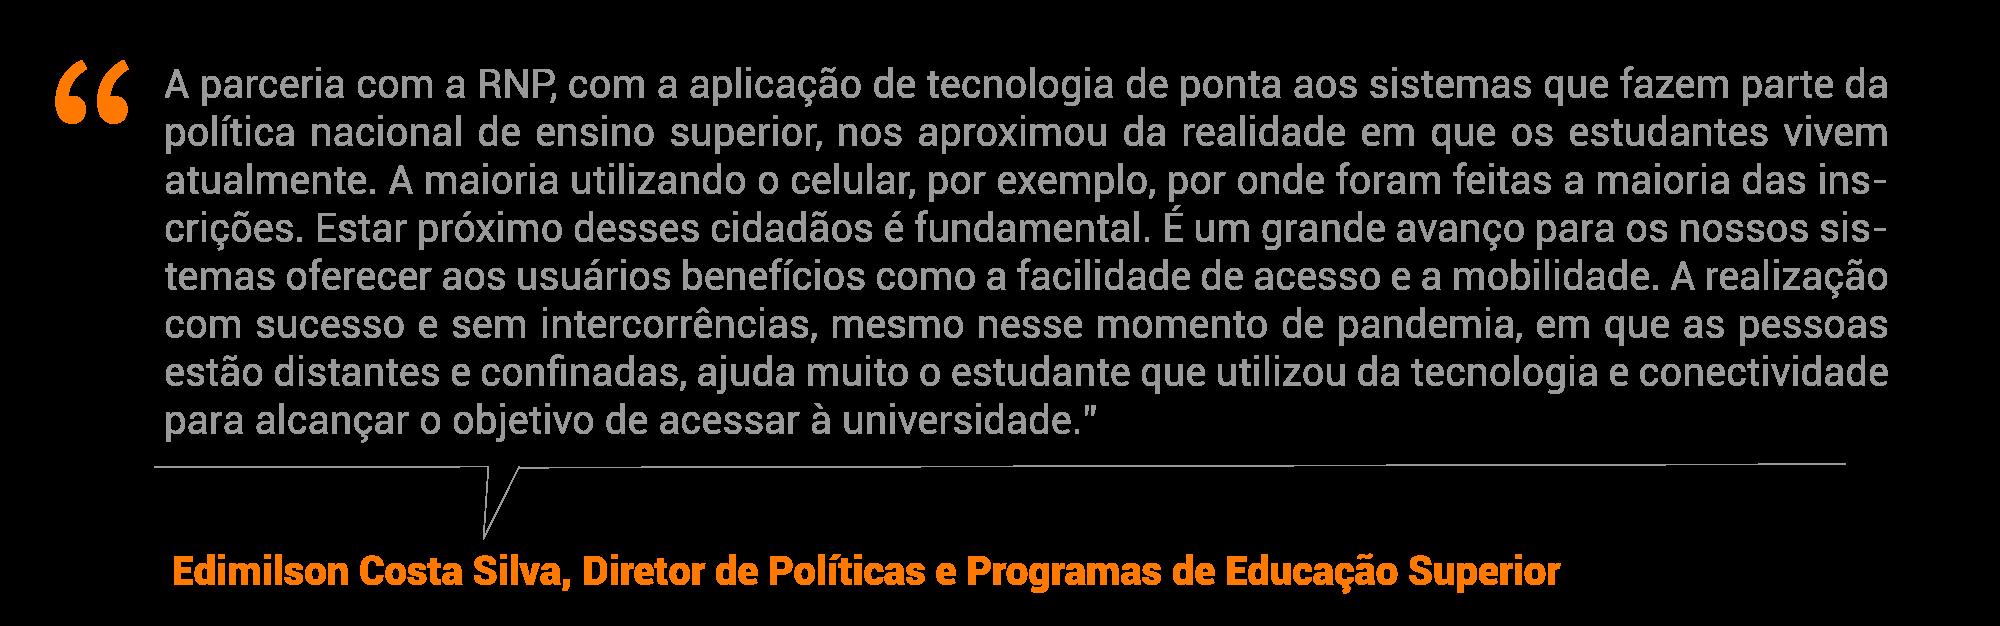 Edimilson Costa Silva, diretor de Políticas e Programas de Educação Superior